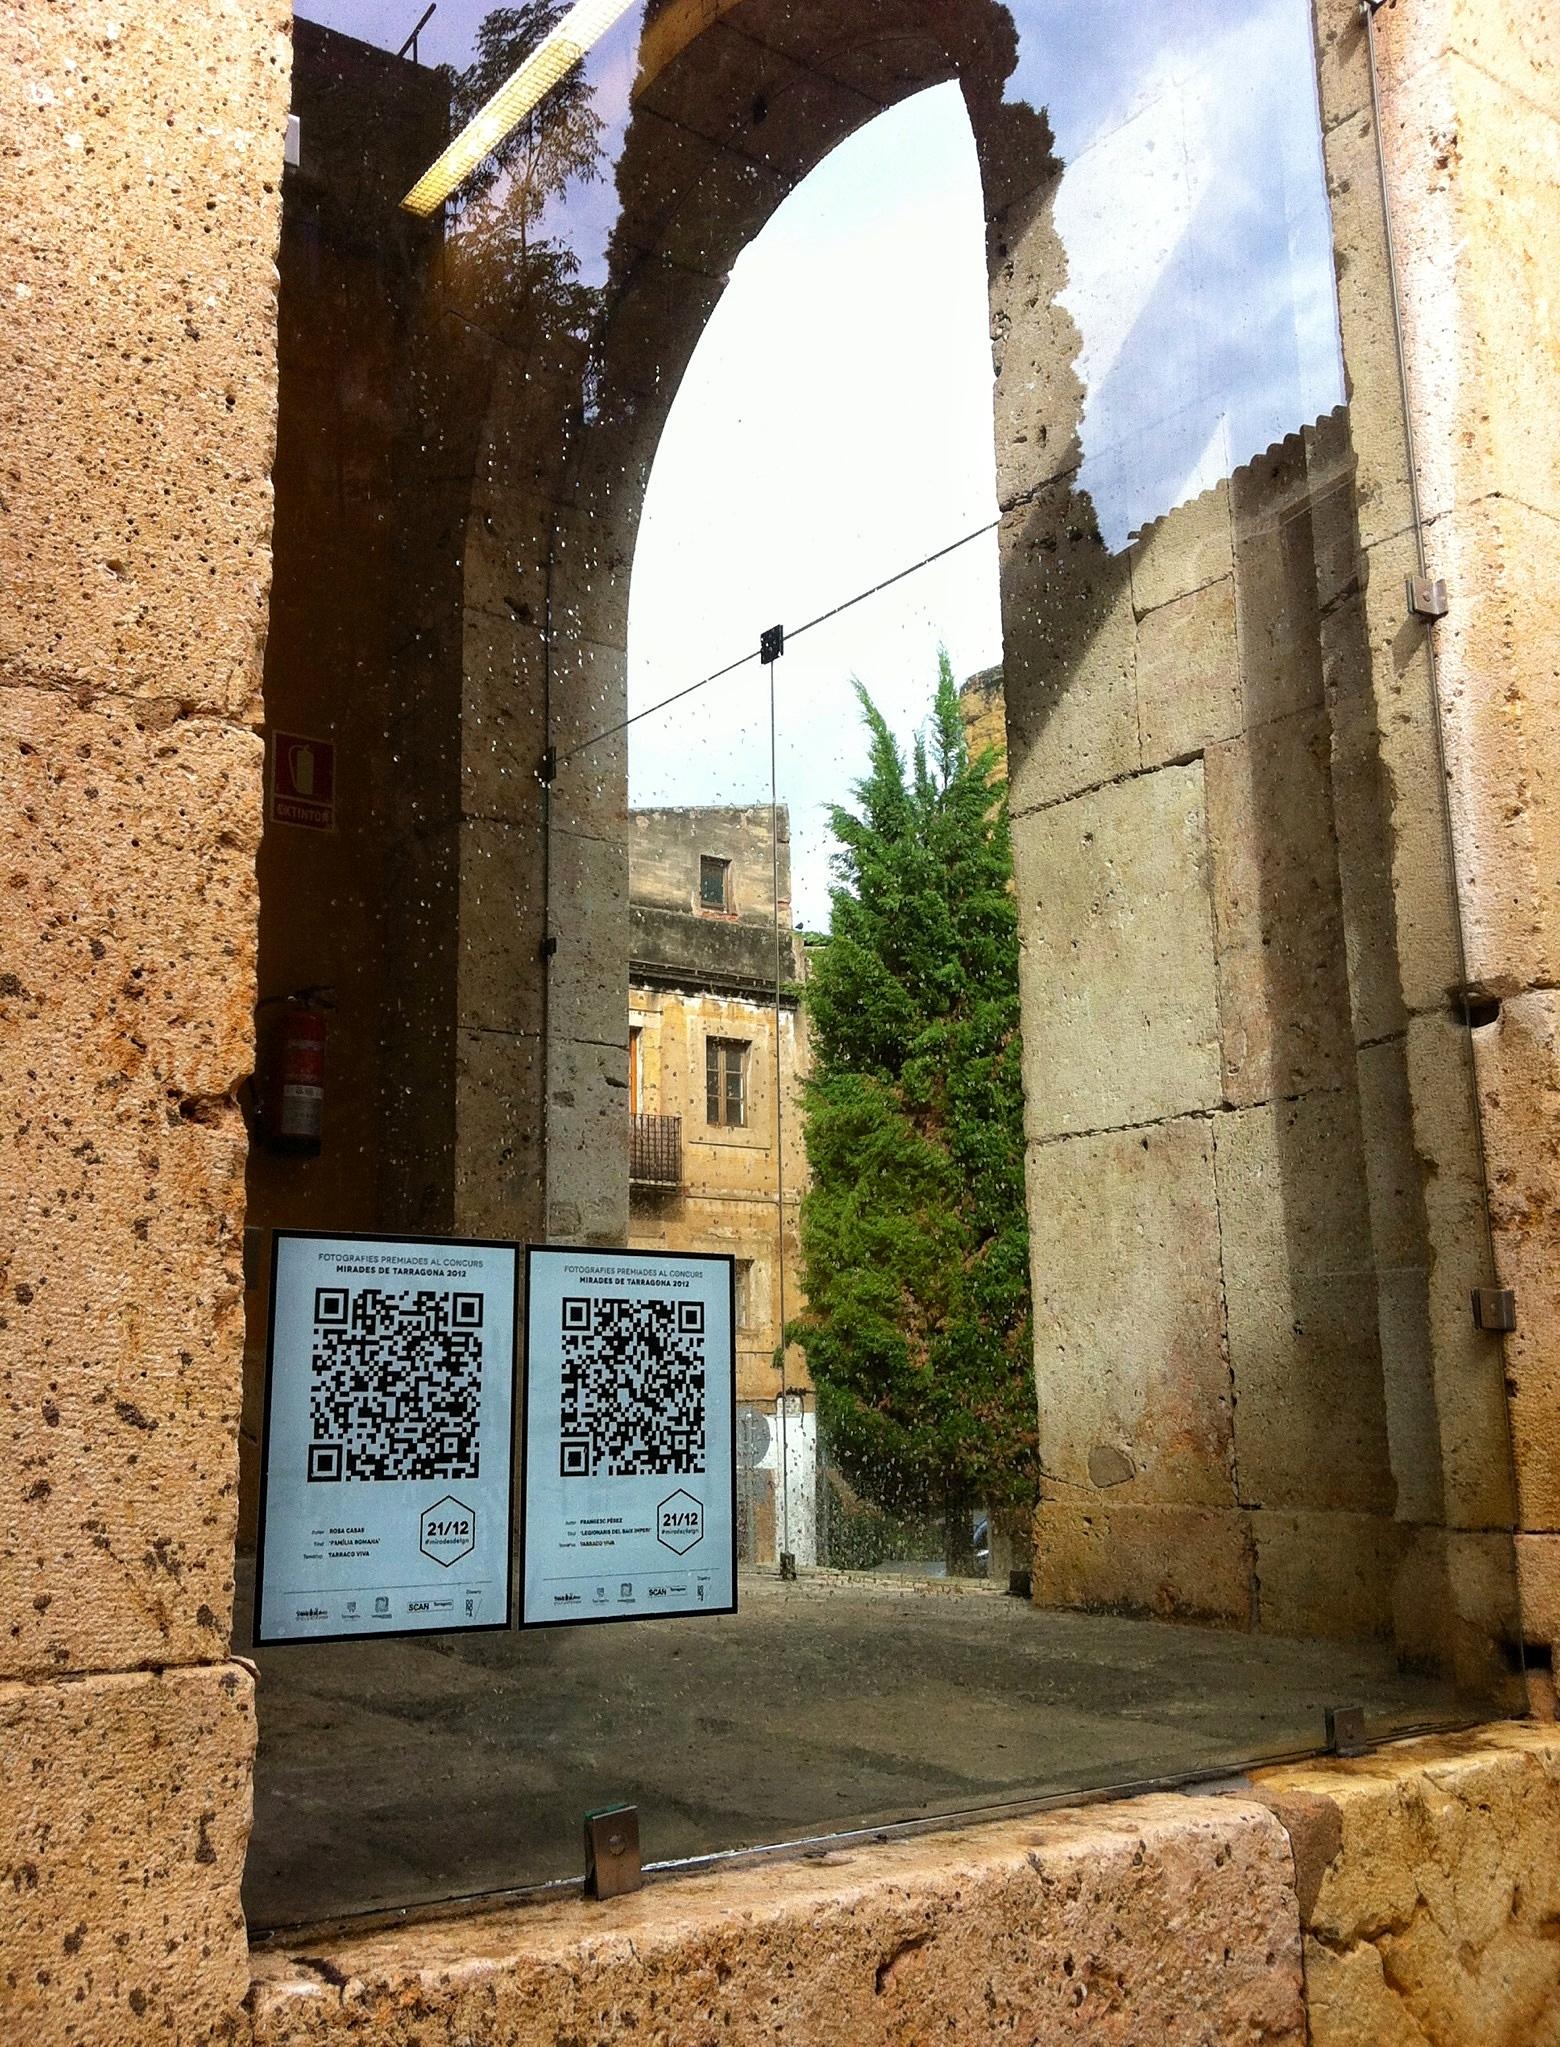 """Codis QR de l'exposició """"21/12"""" a l'Antiga Audiència"""